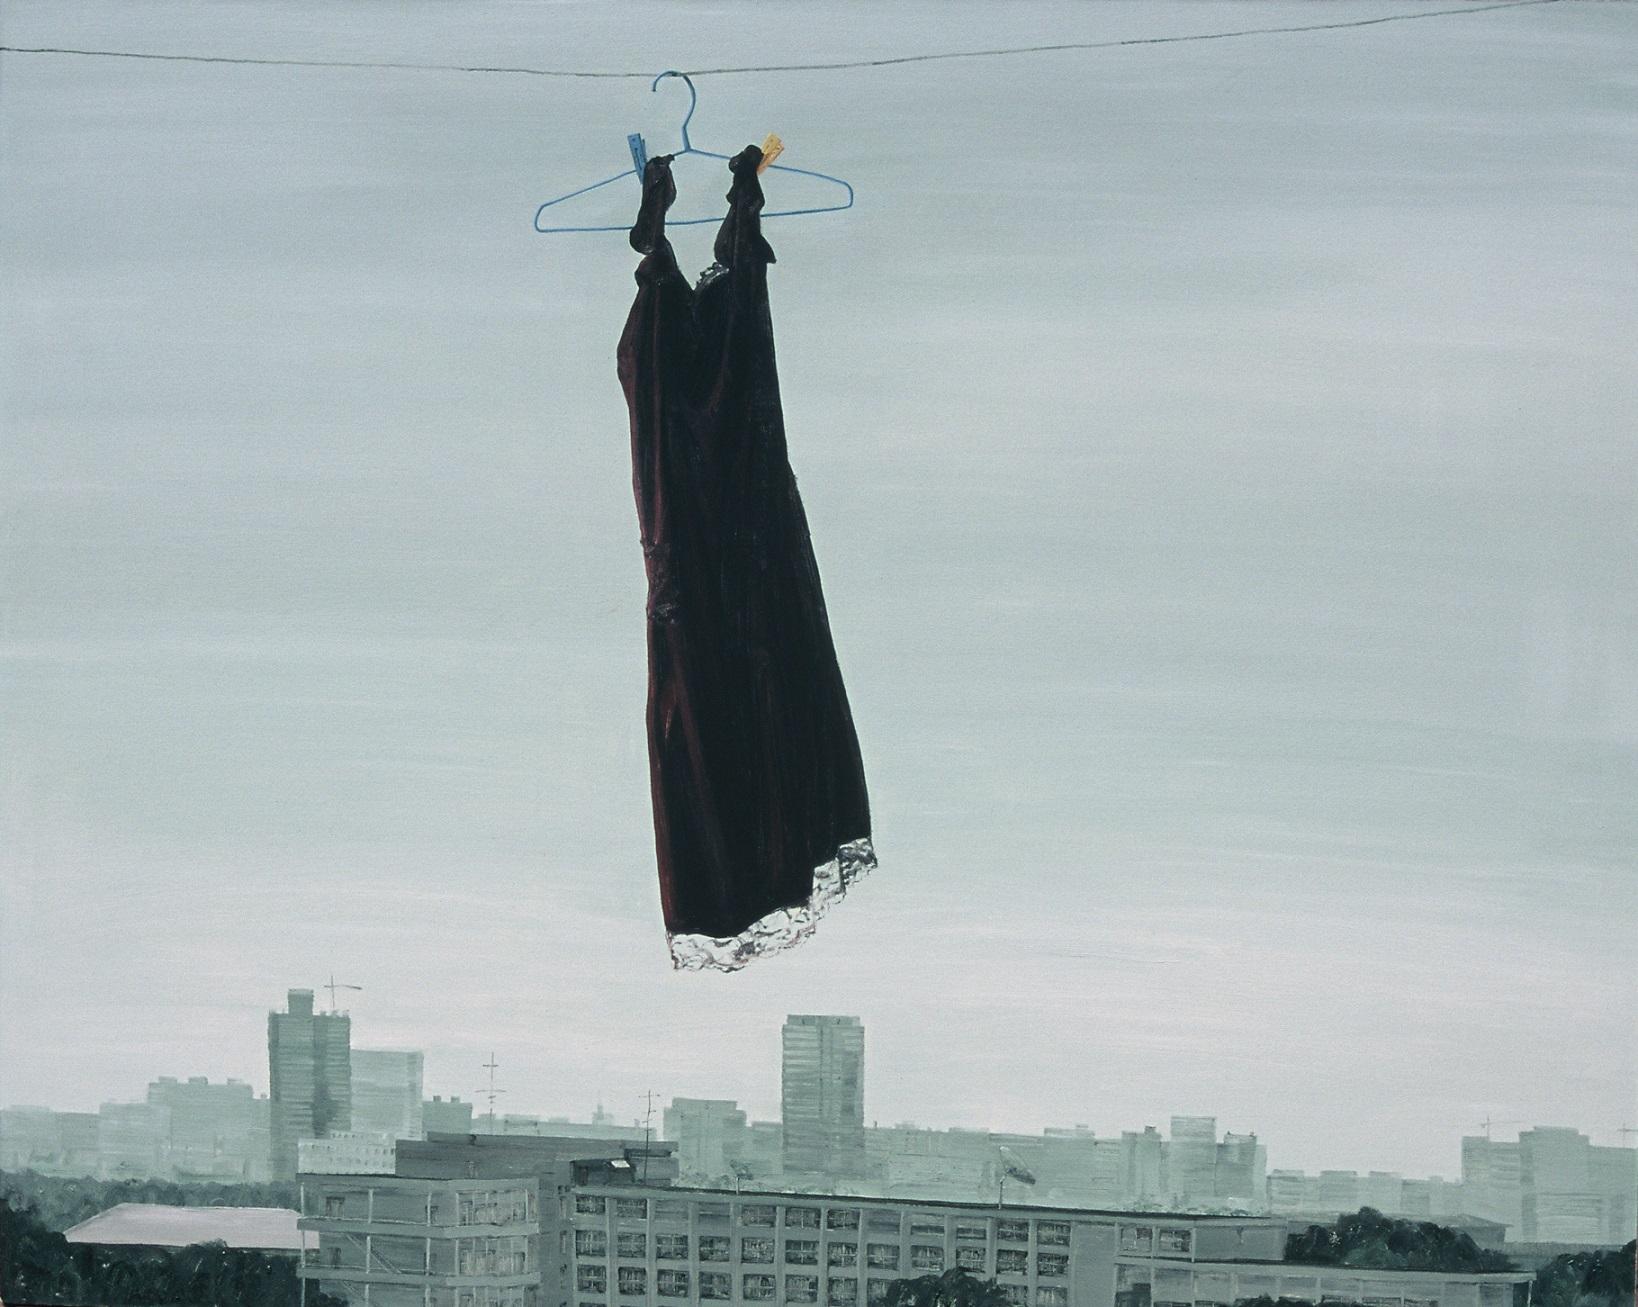 【陣風-嚴支勝個展】-画家:嚴支勝-第十九回オンライン展示【jin11バーチャルギャラリー】2020年6月